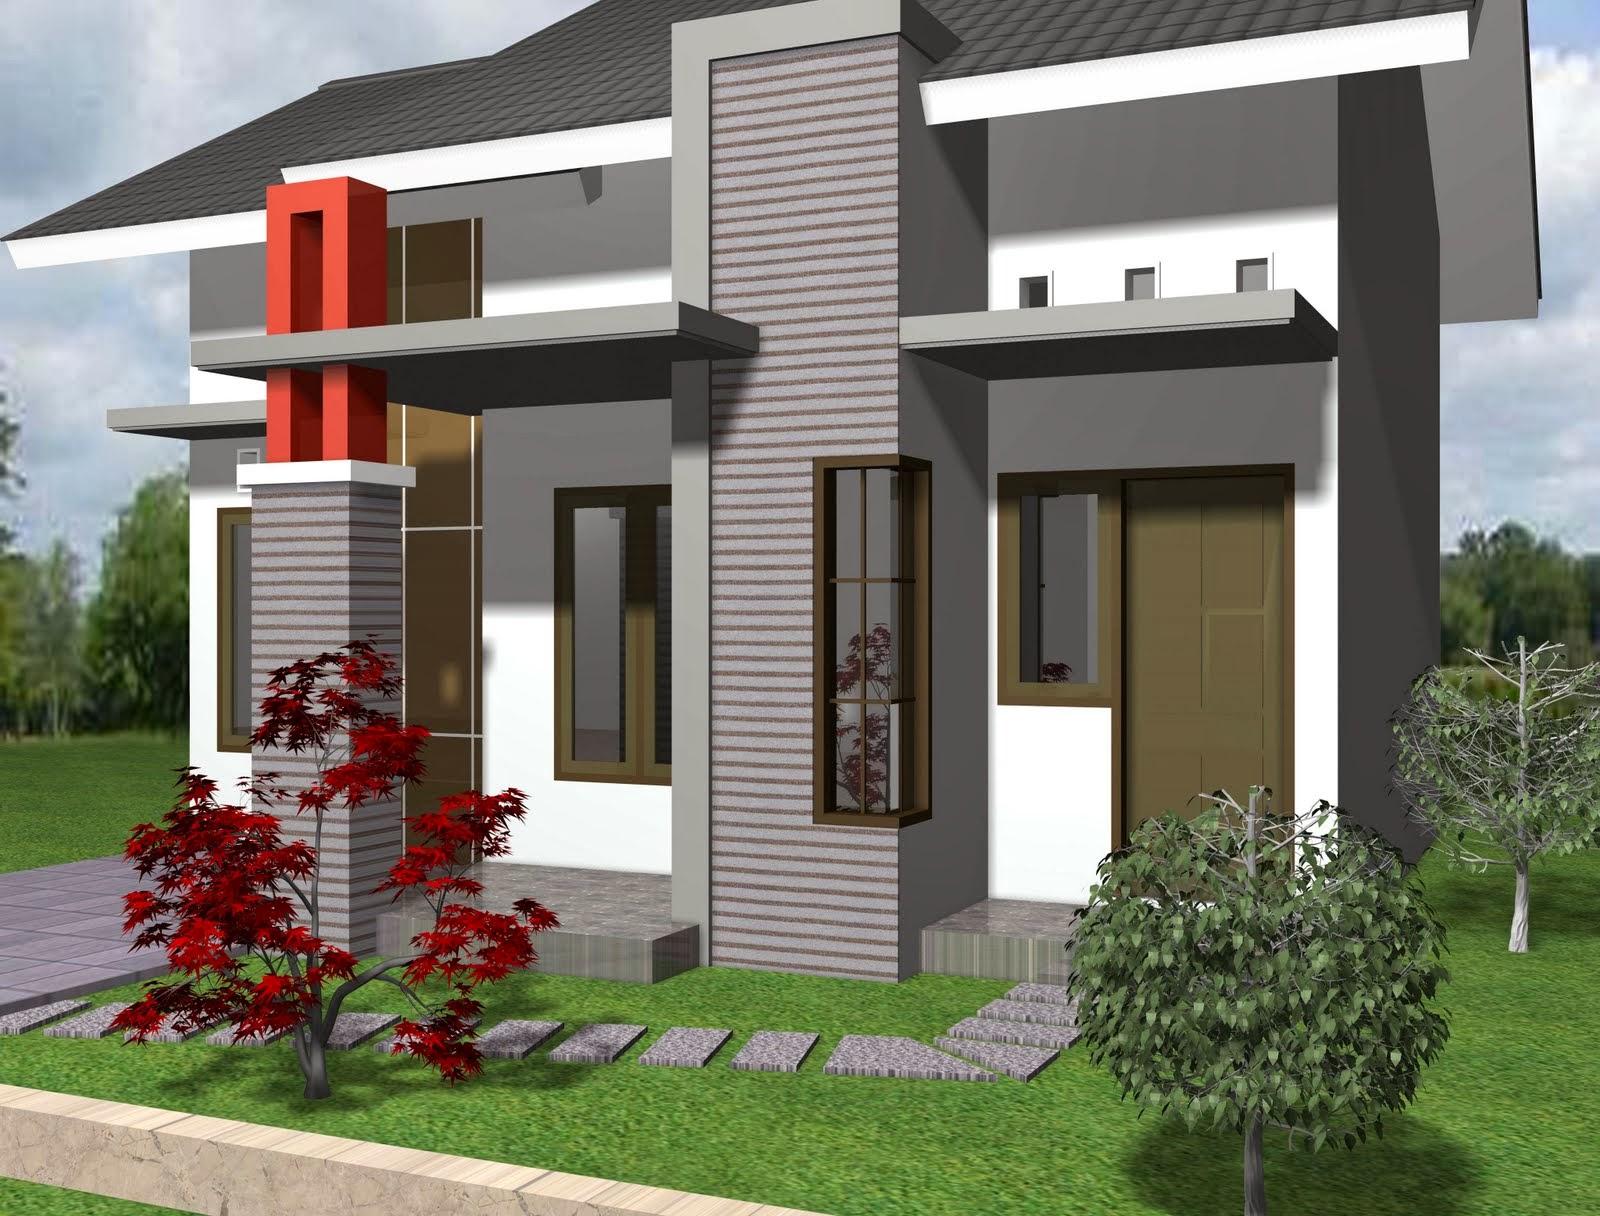 Rumah Minimalis 1 Lantai Ada Garasi | Desain Rumah Minimalis